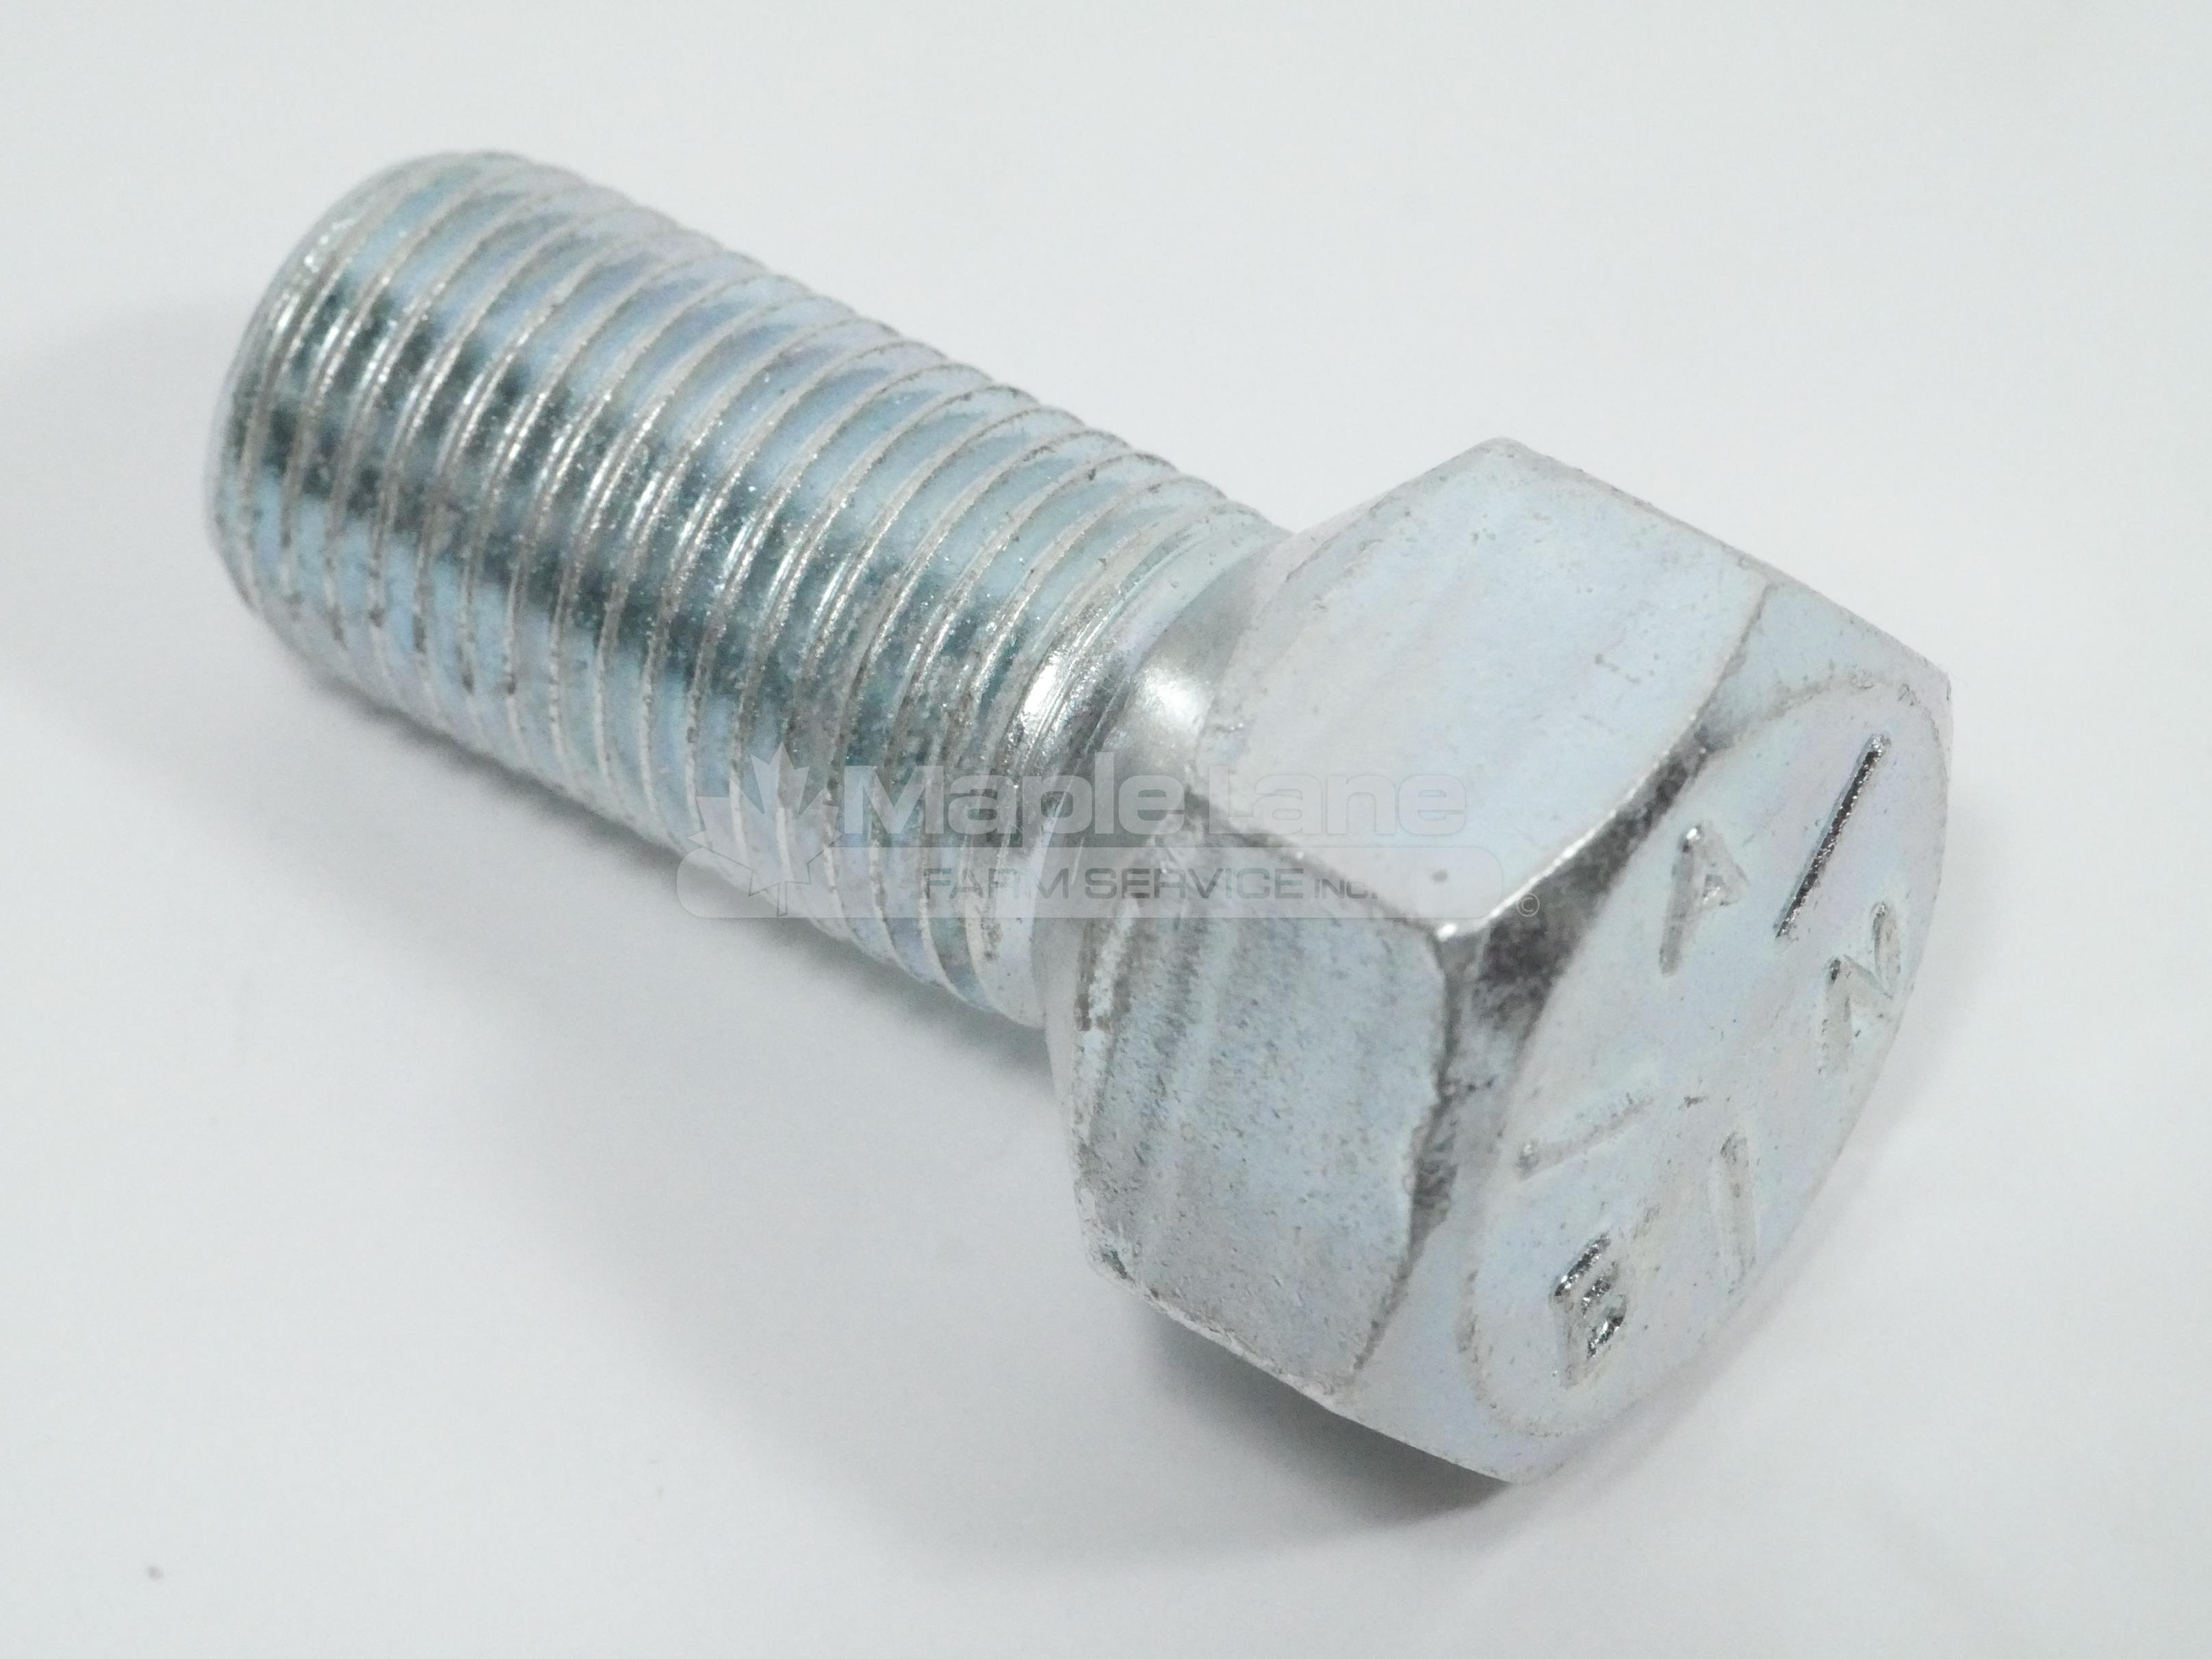 518611M1 Screw